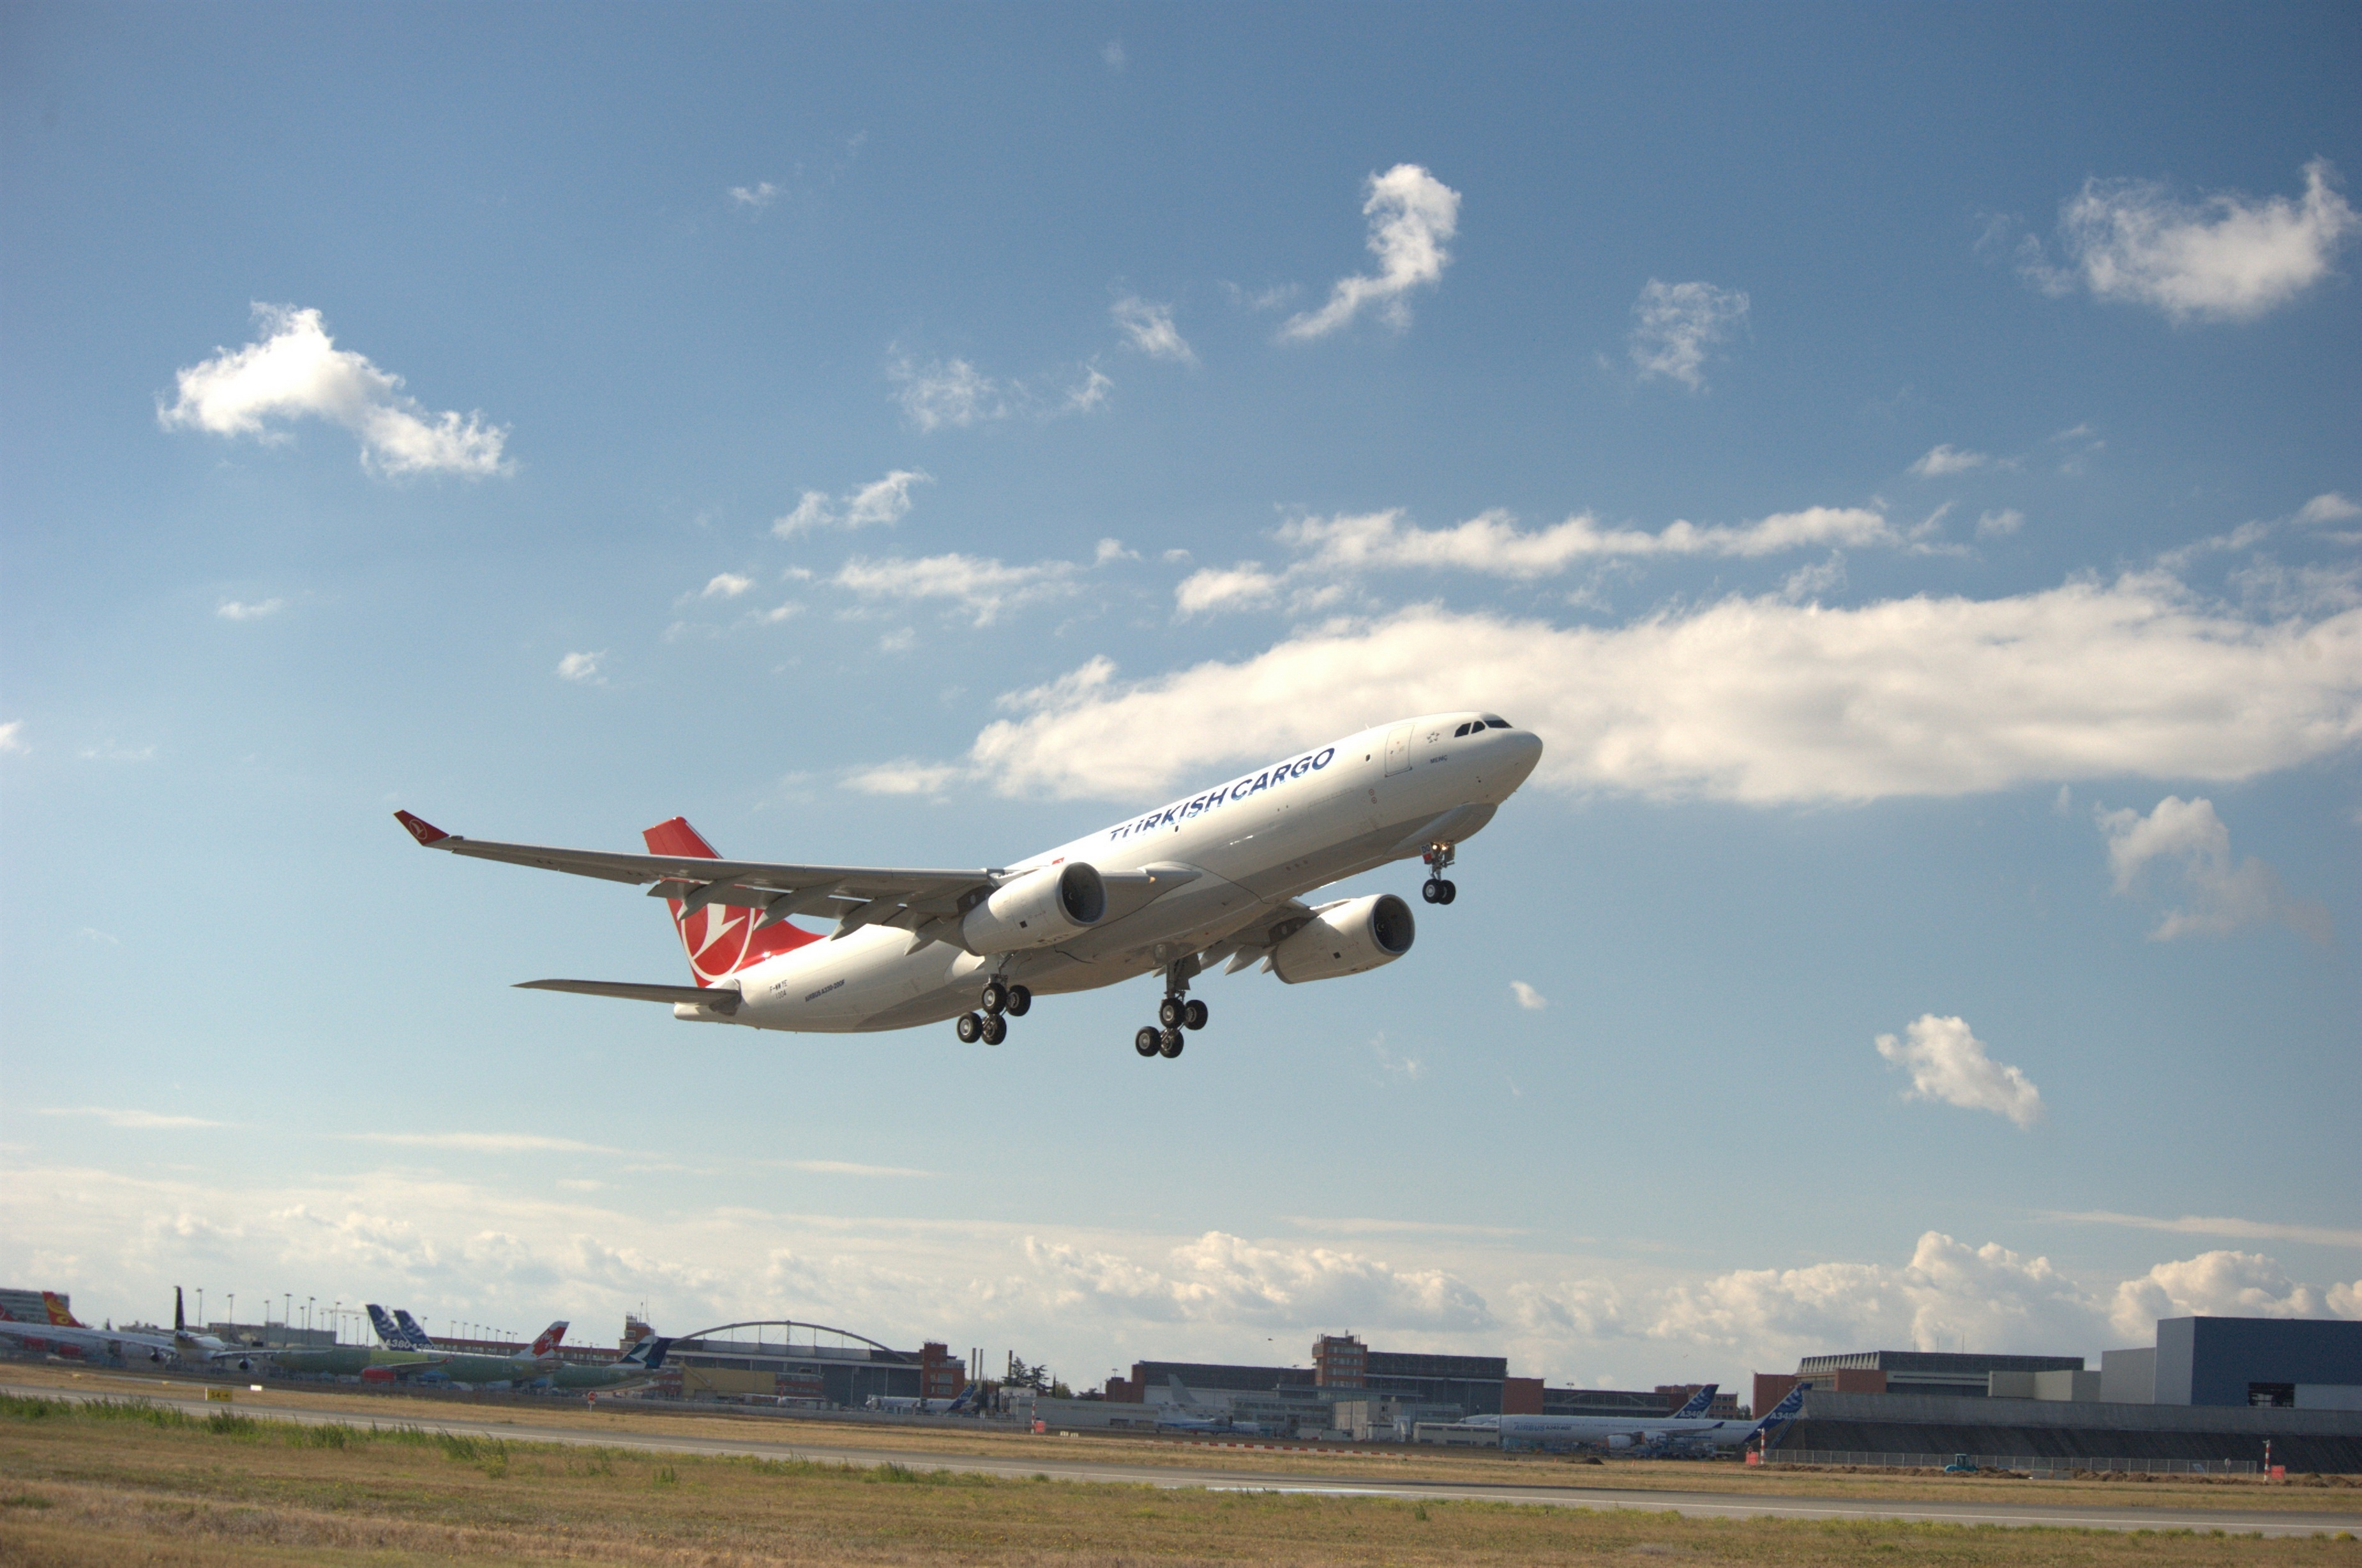 Turquía anuncia la construcción del aeropuerto más grande del mundo en Estambul